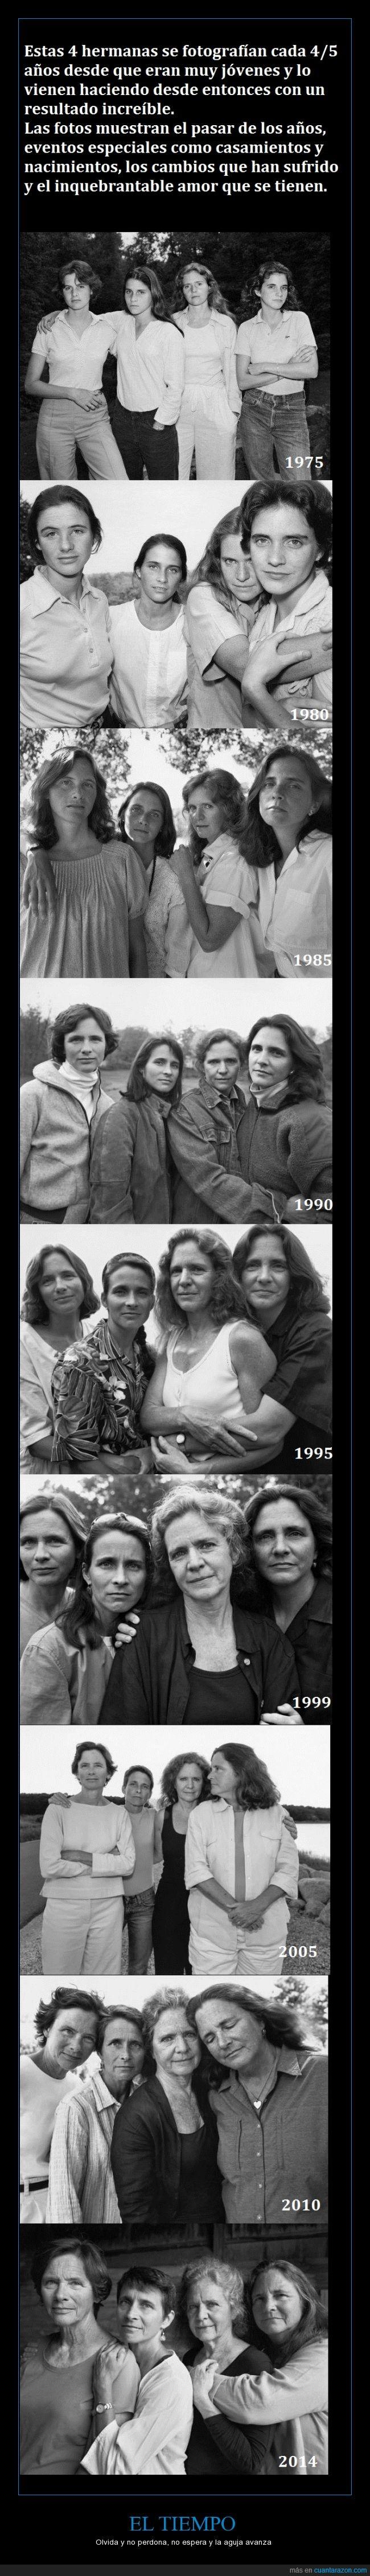 años,esperemos la foto del 2019,evolucion,familia,fotos,hermana,los años,mujeres,se nos va el tiempo,tiempo,vejez